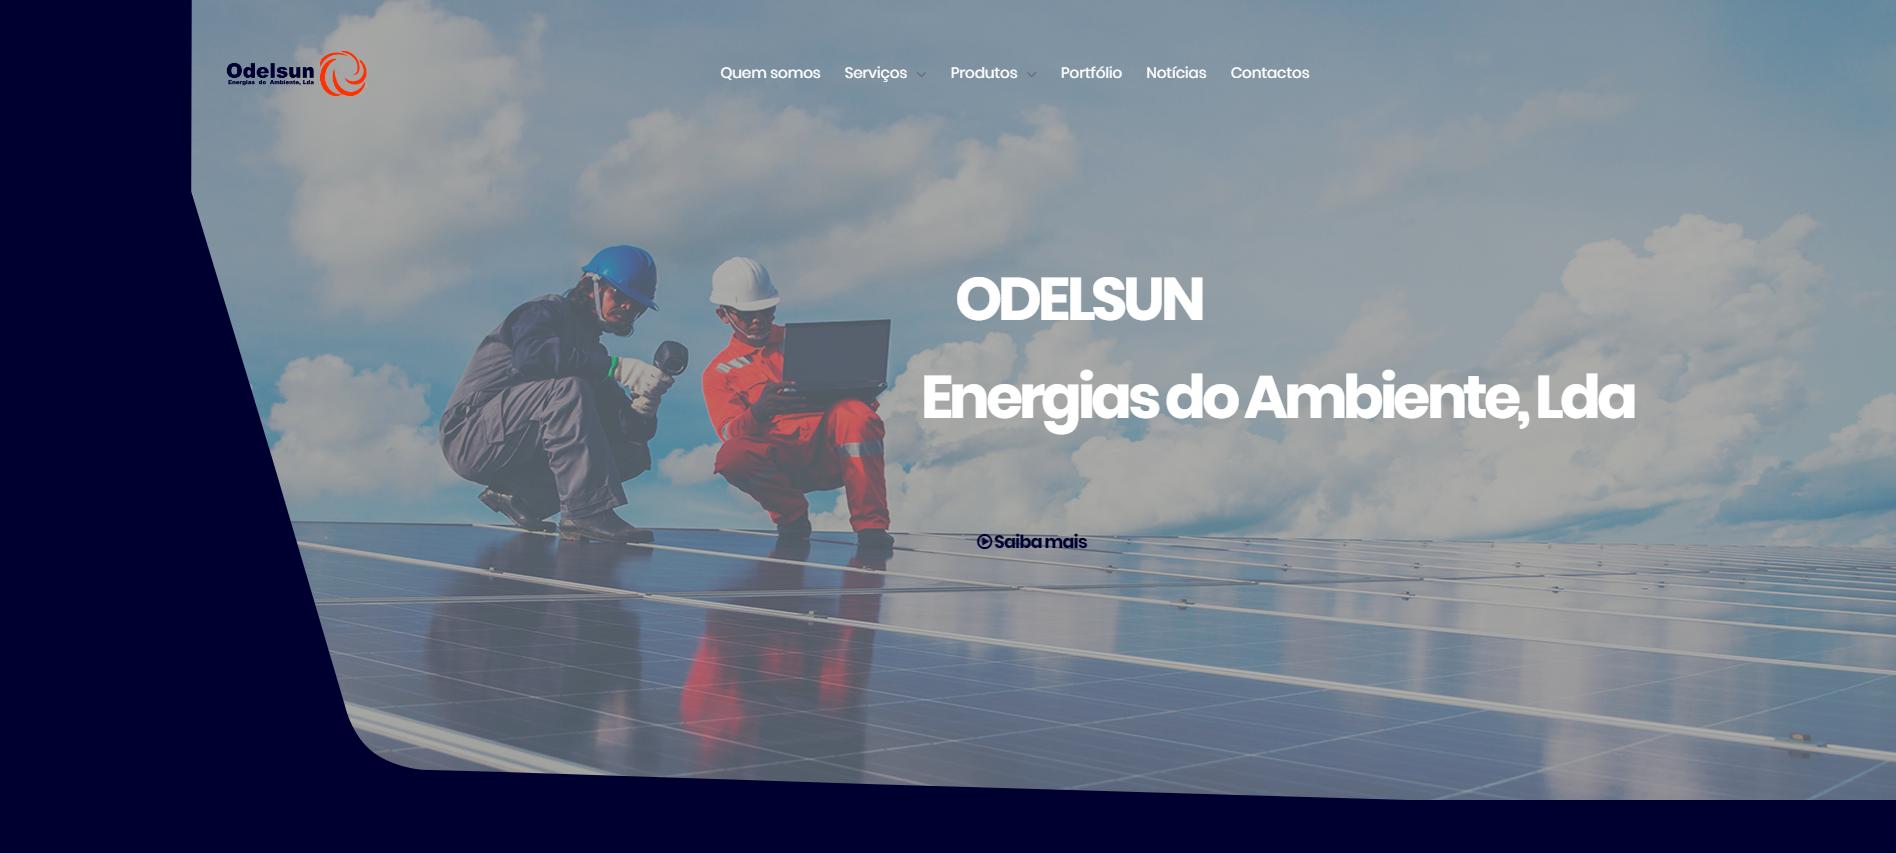 Notícia Odelsun Energias do Ambiente